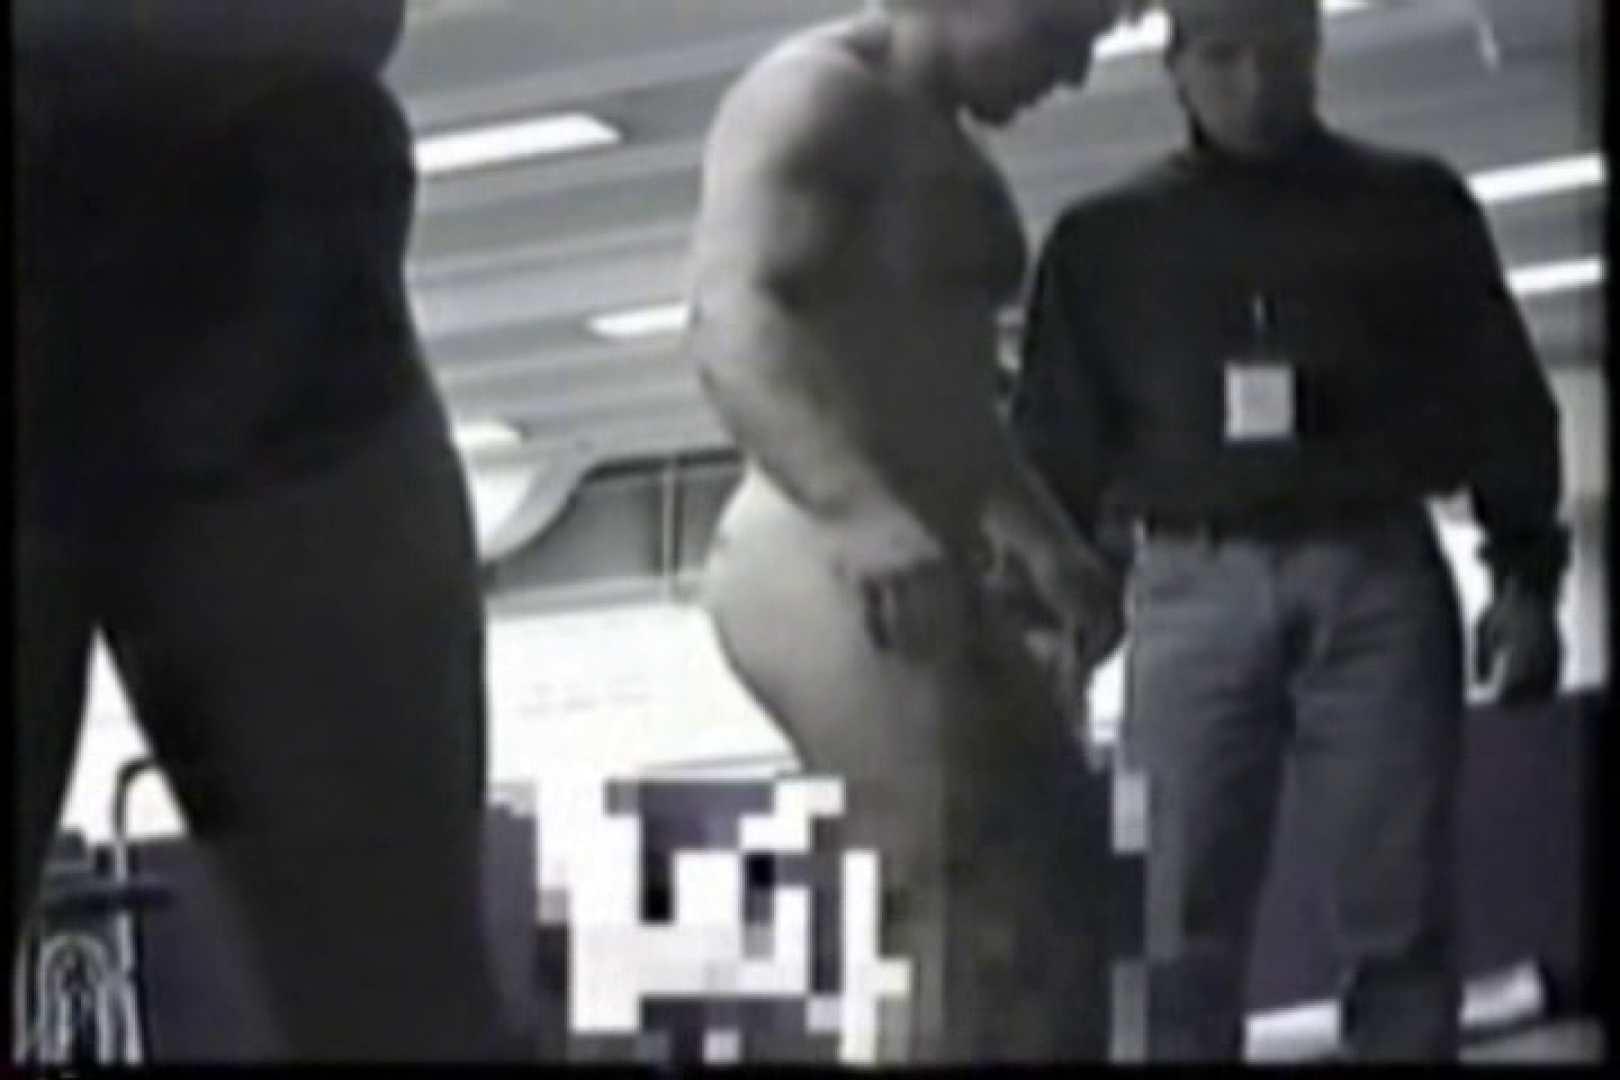 洋人さんの脱衣所を覗いてみました。VOL.6 肉肉しい男たち | 男に首ったけ  22連発 13